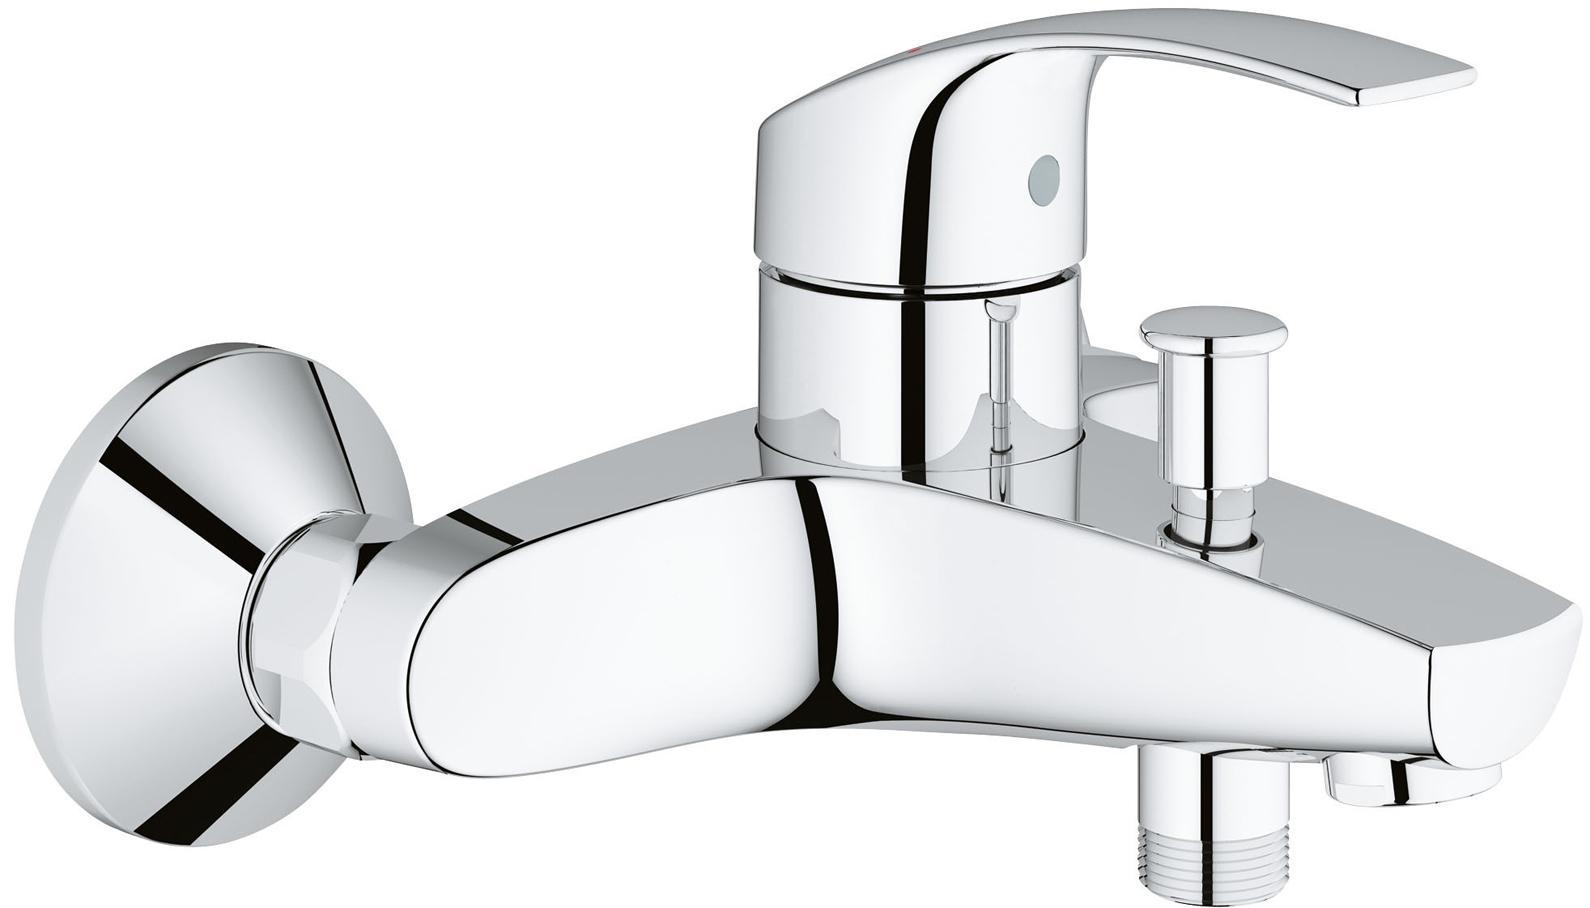 Смеситель для ванны GROHE Eurosmart New, хром33635002GROHE Eurosmart: смеситель для ванны, с которым купание будет приносить удовольствие Этот смеситель для ванны оснащен автоматическим переключателем «ванна-душ», а также встроенным ограничителем температуры, предотвращающим ошпаривание. Технология GROHE SilkMove обеспечивает плавность и легкость регулировки температуры и напора воды, позволяя Вам наслаждаться полным расслаблением при принятии душа. Благодаря долговечному хромированному покрытию GROHE StarLight, этот смеситель из коллекции Eurosmart станет эффектным дополнением к оснащению Вашей ванной комнаты и будет радовать Вас неприхотливостью в уходе.Особенности:Настенный монтаж Металлический рычаг GROHE SilkMove керамический картридж 35 мм С ограничителем температуры Регулировка расхода воды GROHE StarLight хромированная поверхностьАвтоматический переключатель: ванна/душ Встроенный обратный клапан в душевом отводе 1/2? Аэратор Скрытые S-образные эксцентрики Отражатели из металла С защитой от обратного потокаВидео по установке является исключительно информационным. Установка должна проводиться профессионалами! Серия: Eurosmart New; цвет: хром